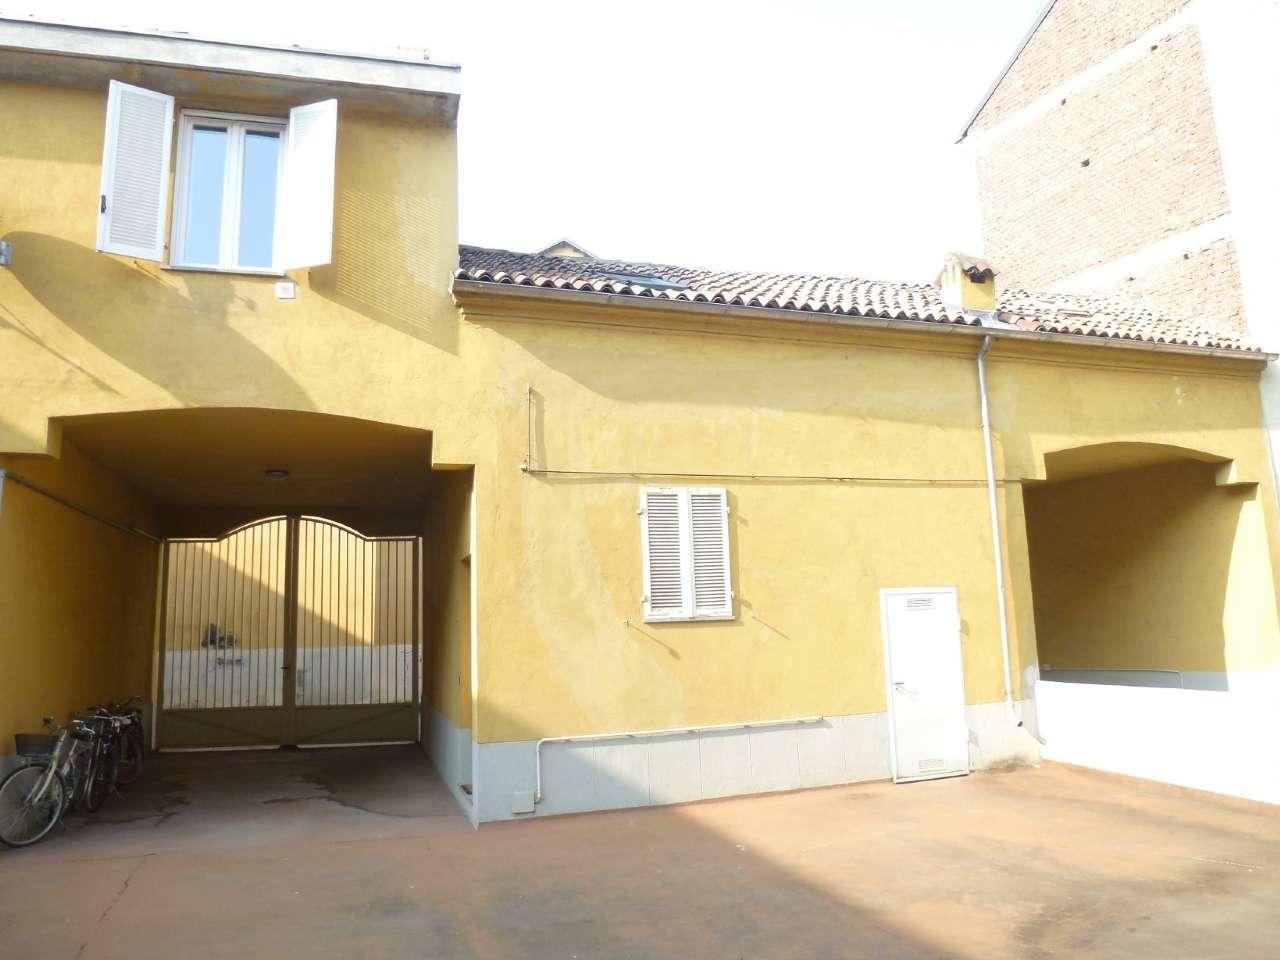 Soluzione Semindipendente in vendita a Vercelli, 2 locali, prezzo € 110.000 | CambioCasa.it